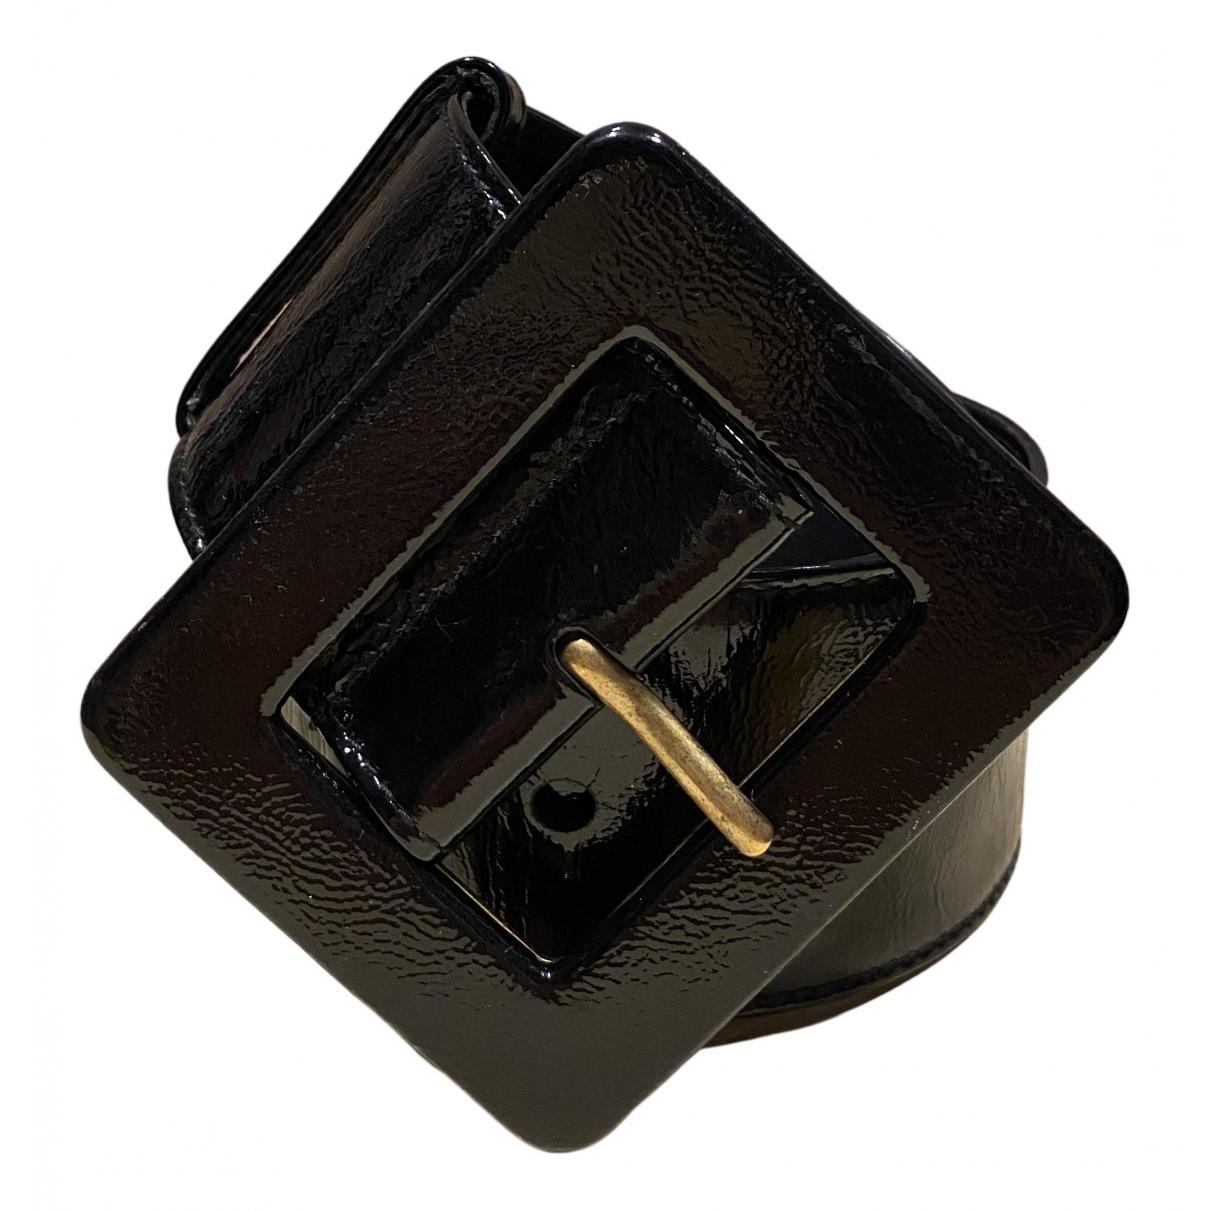 Cinturon de Charol Yves Saint Laurent